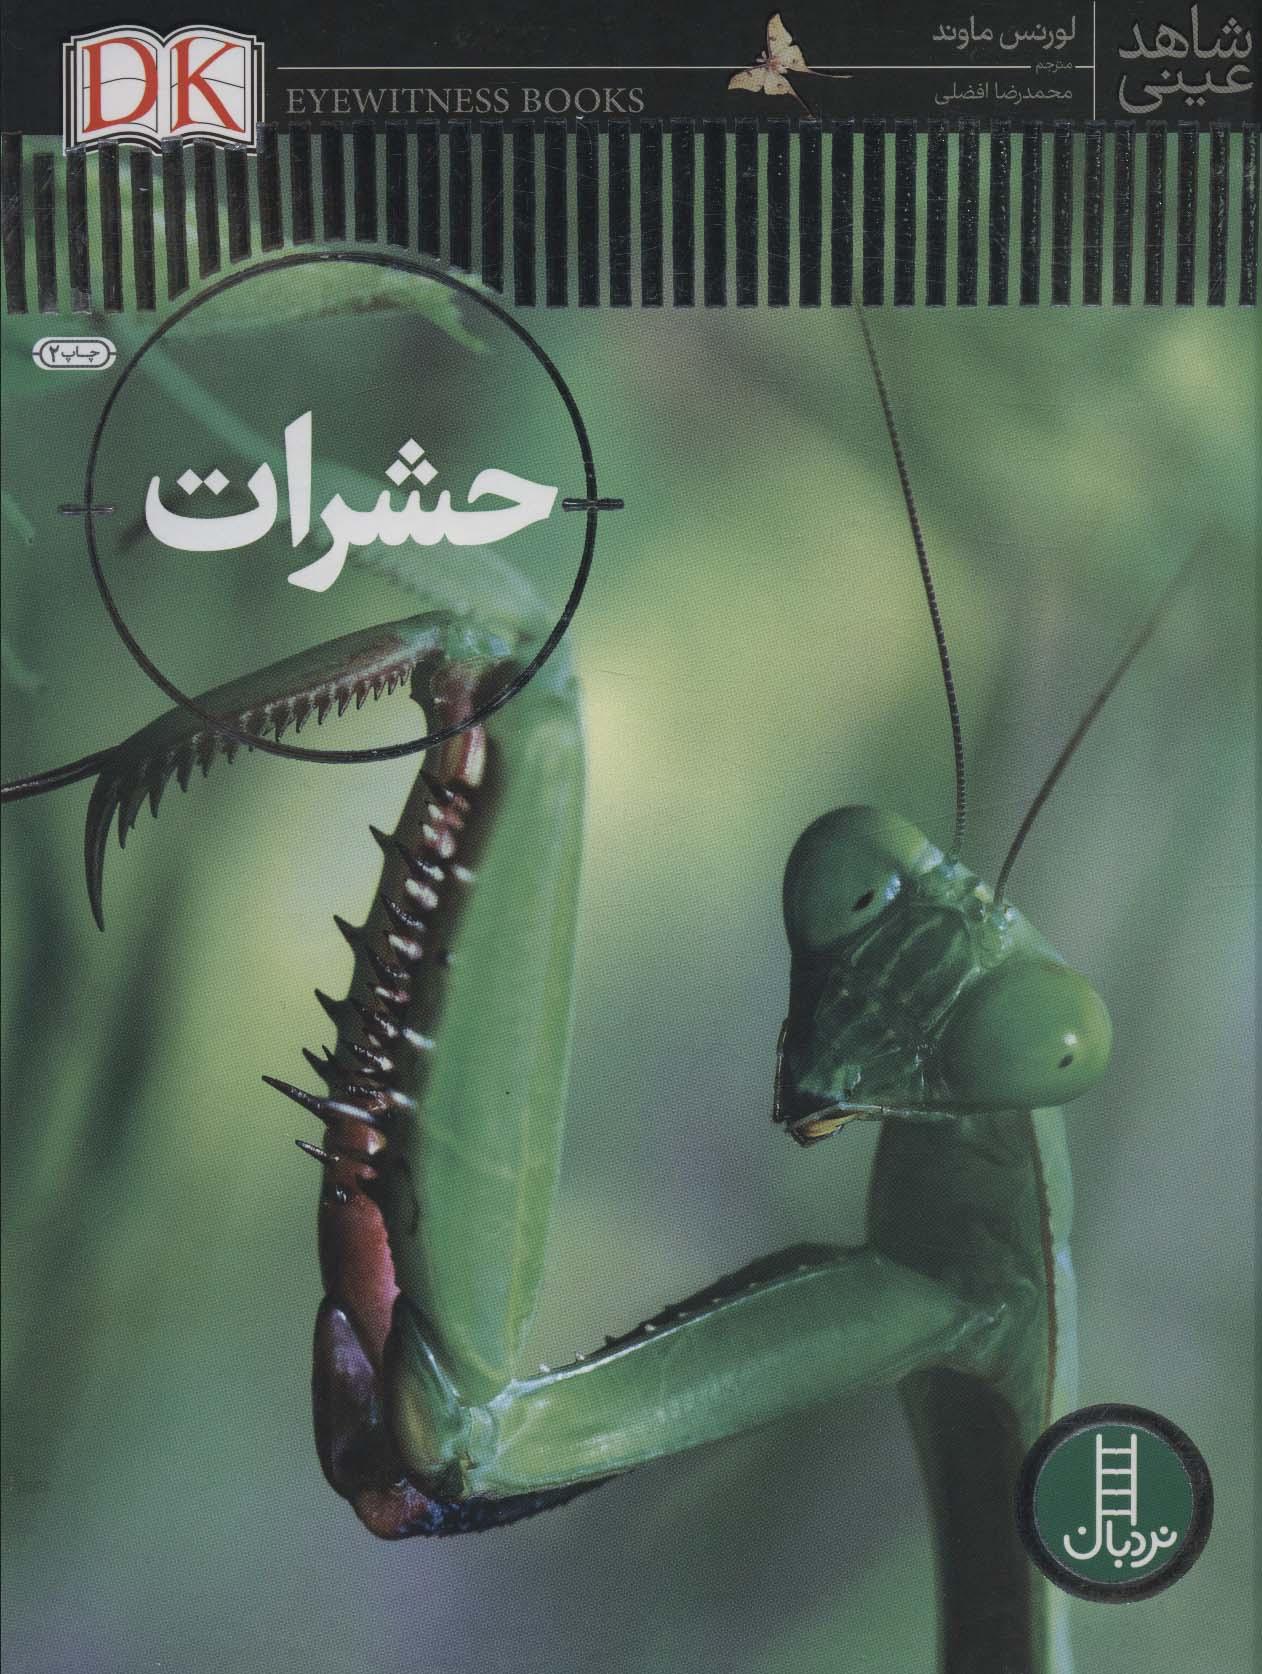 حشرات (شاهد عینی)،(گلاسه)